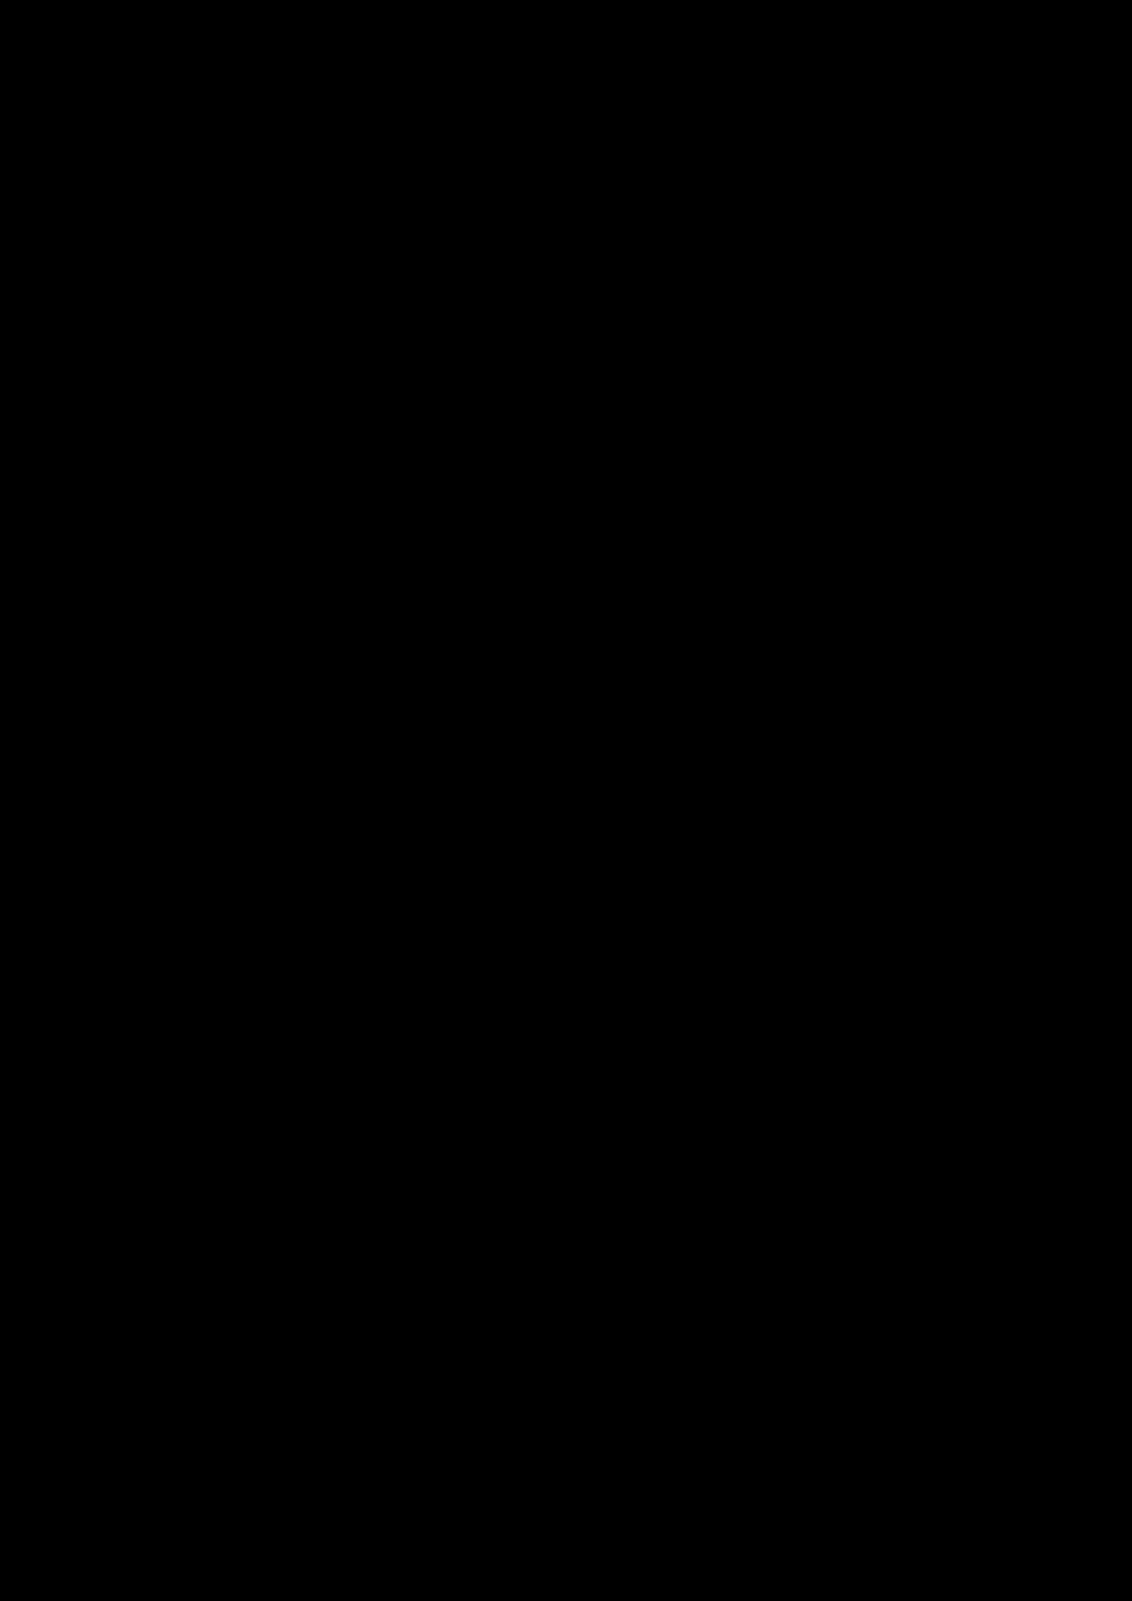 Hools slide, Image 13